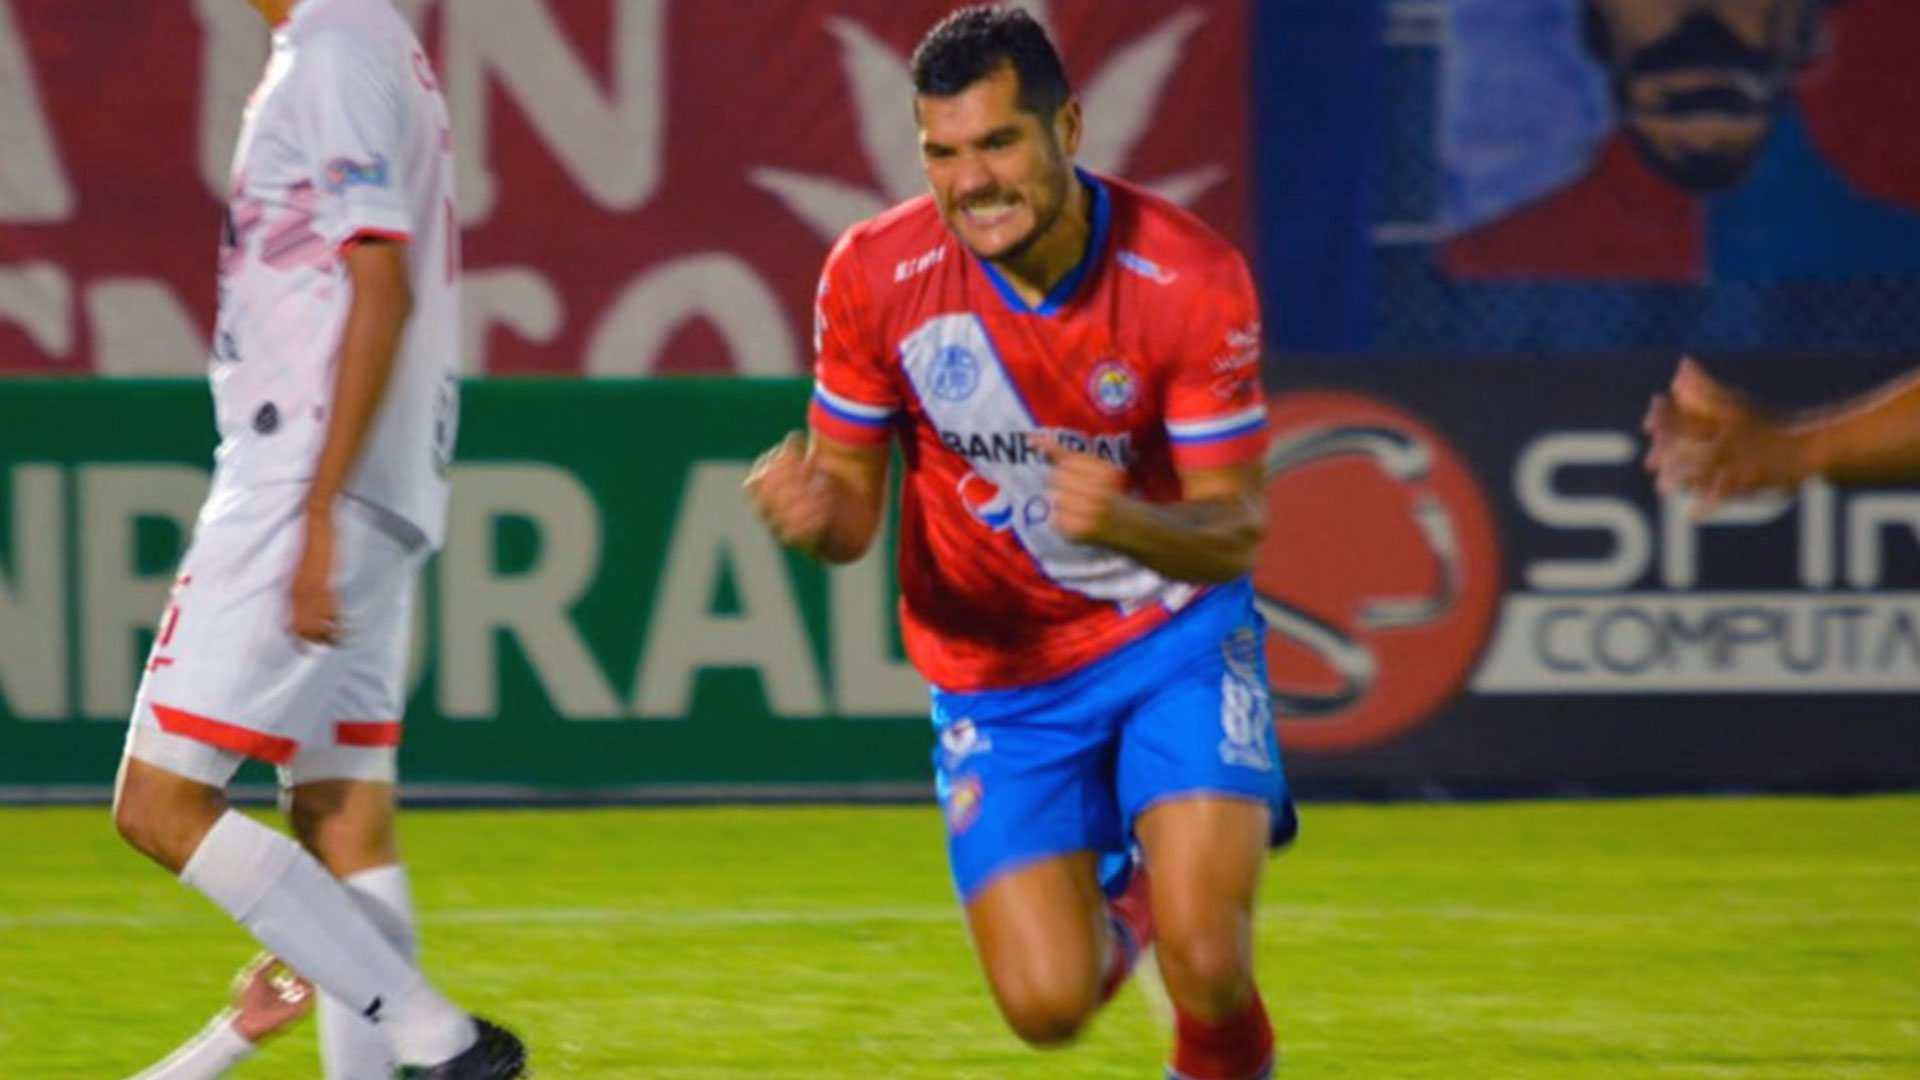 Xelajú asegura su segunda victoria consecutiva y prescribe su quinta derrota en el Apertura 2021 en Malacateco - Prensa Libre